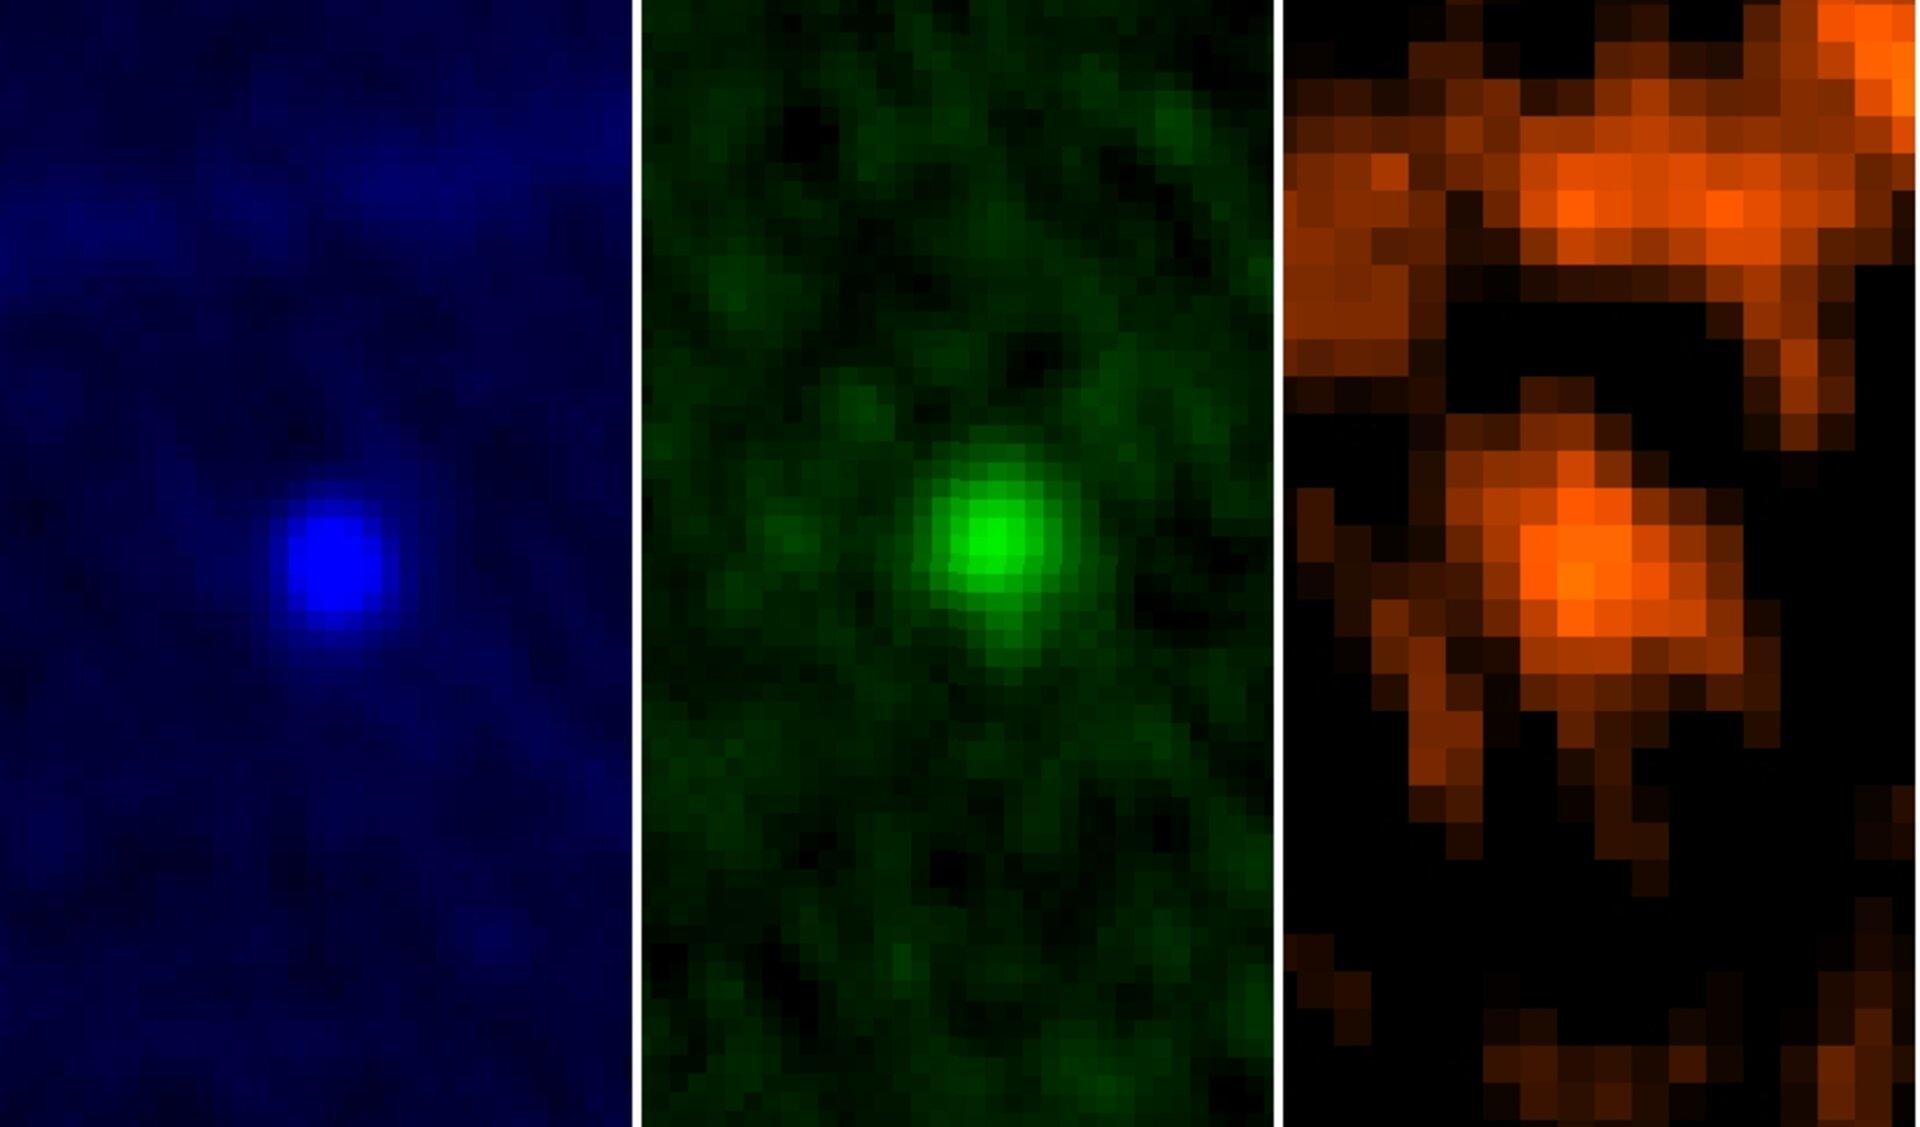 آپوفیس، سیارک آخرالزمان دارد از نور خورشید سرعت میگیرد